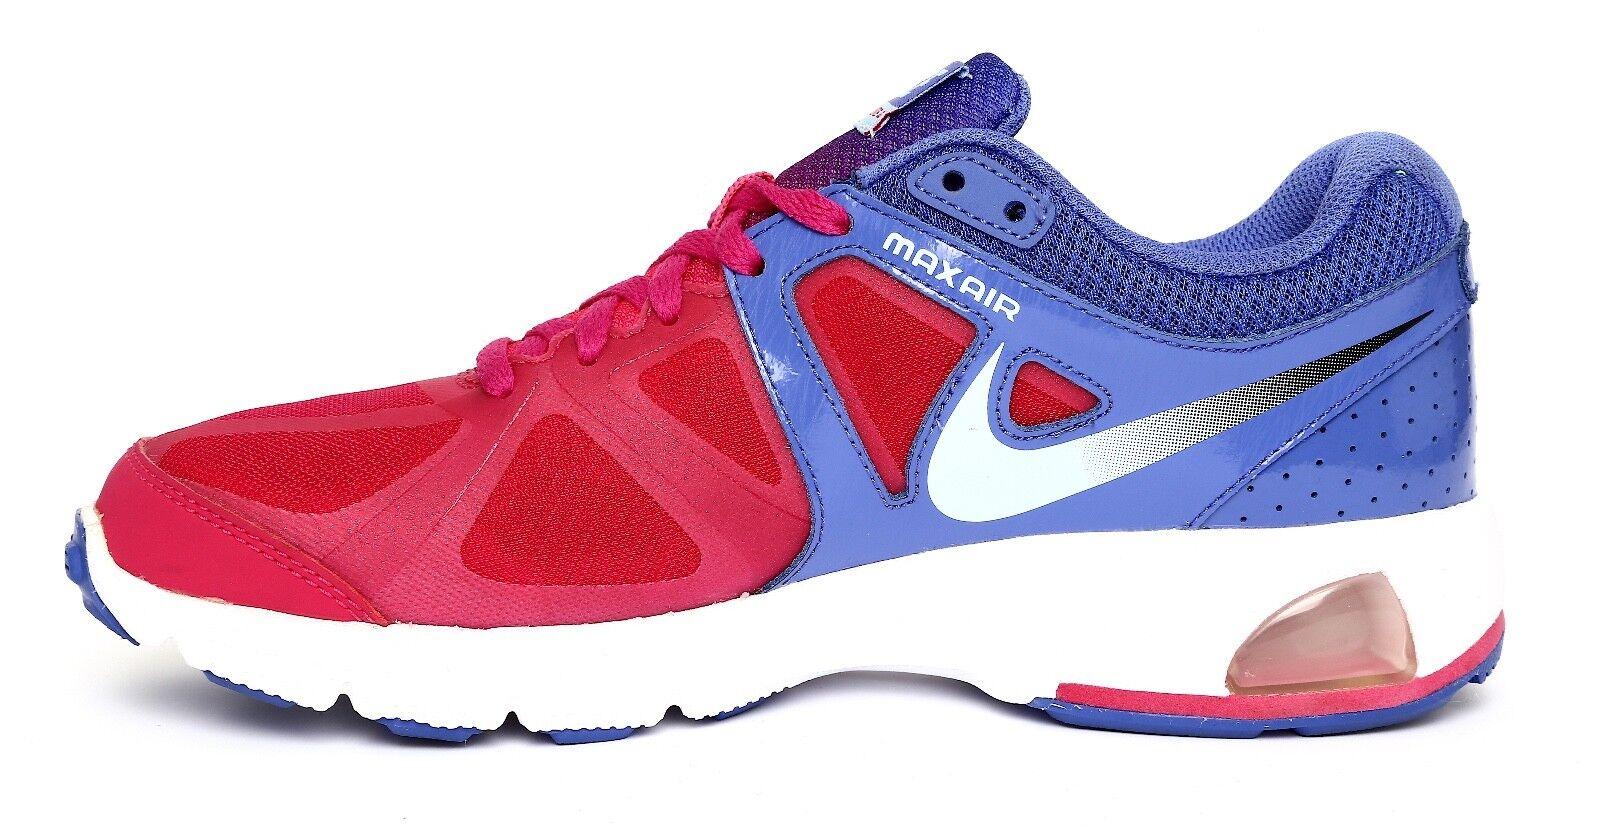 info for 0d16a 38634 ... Nike Max Air Run Lite 4 Mujer Morado multi multi multi sneaker SZ 8  1032 barato ...